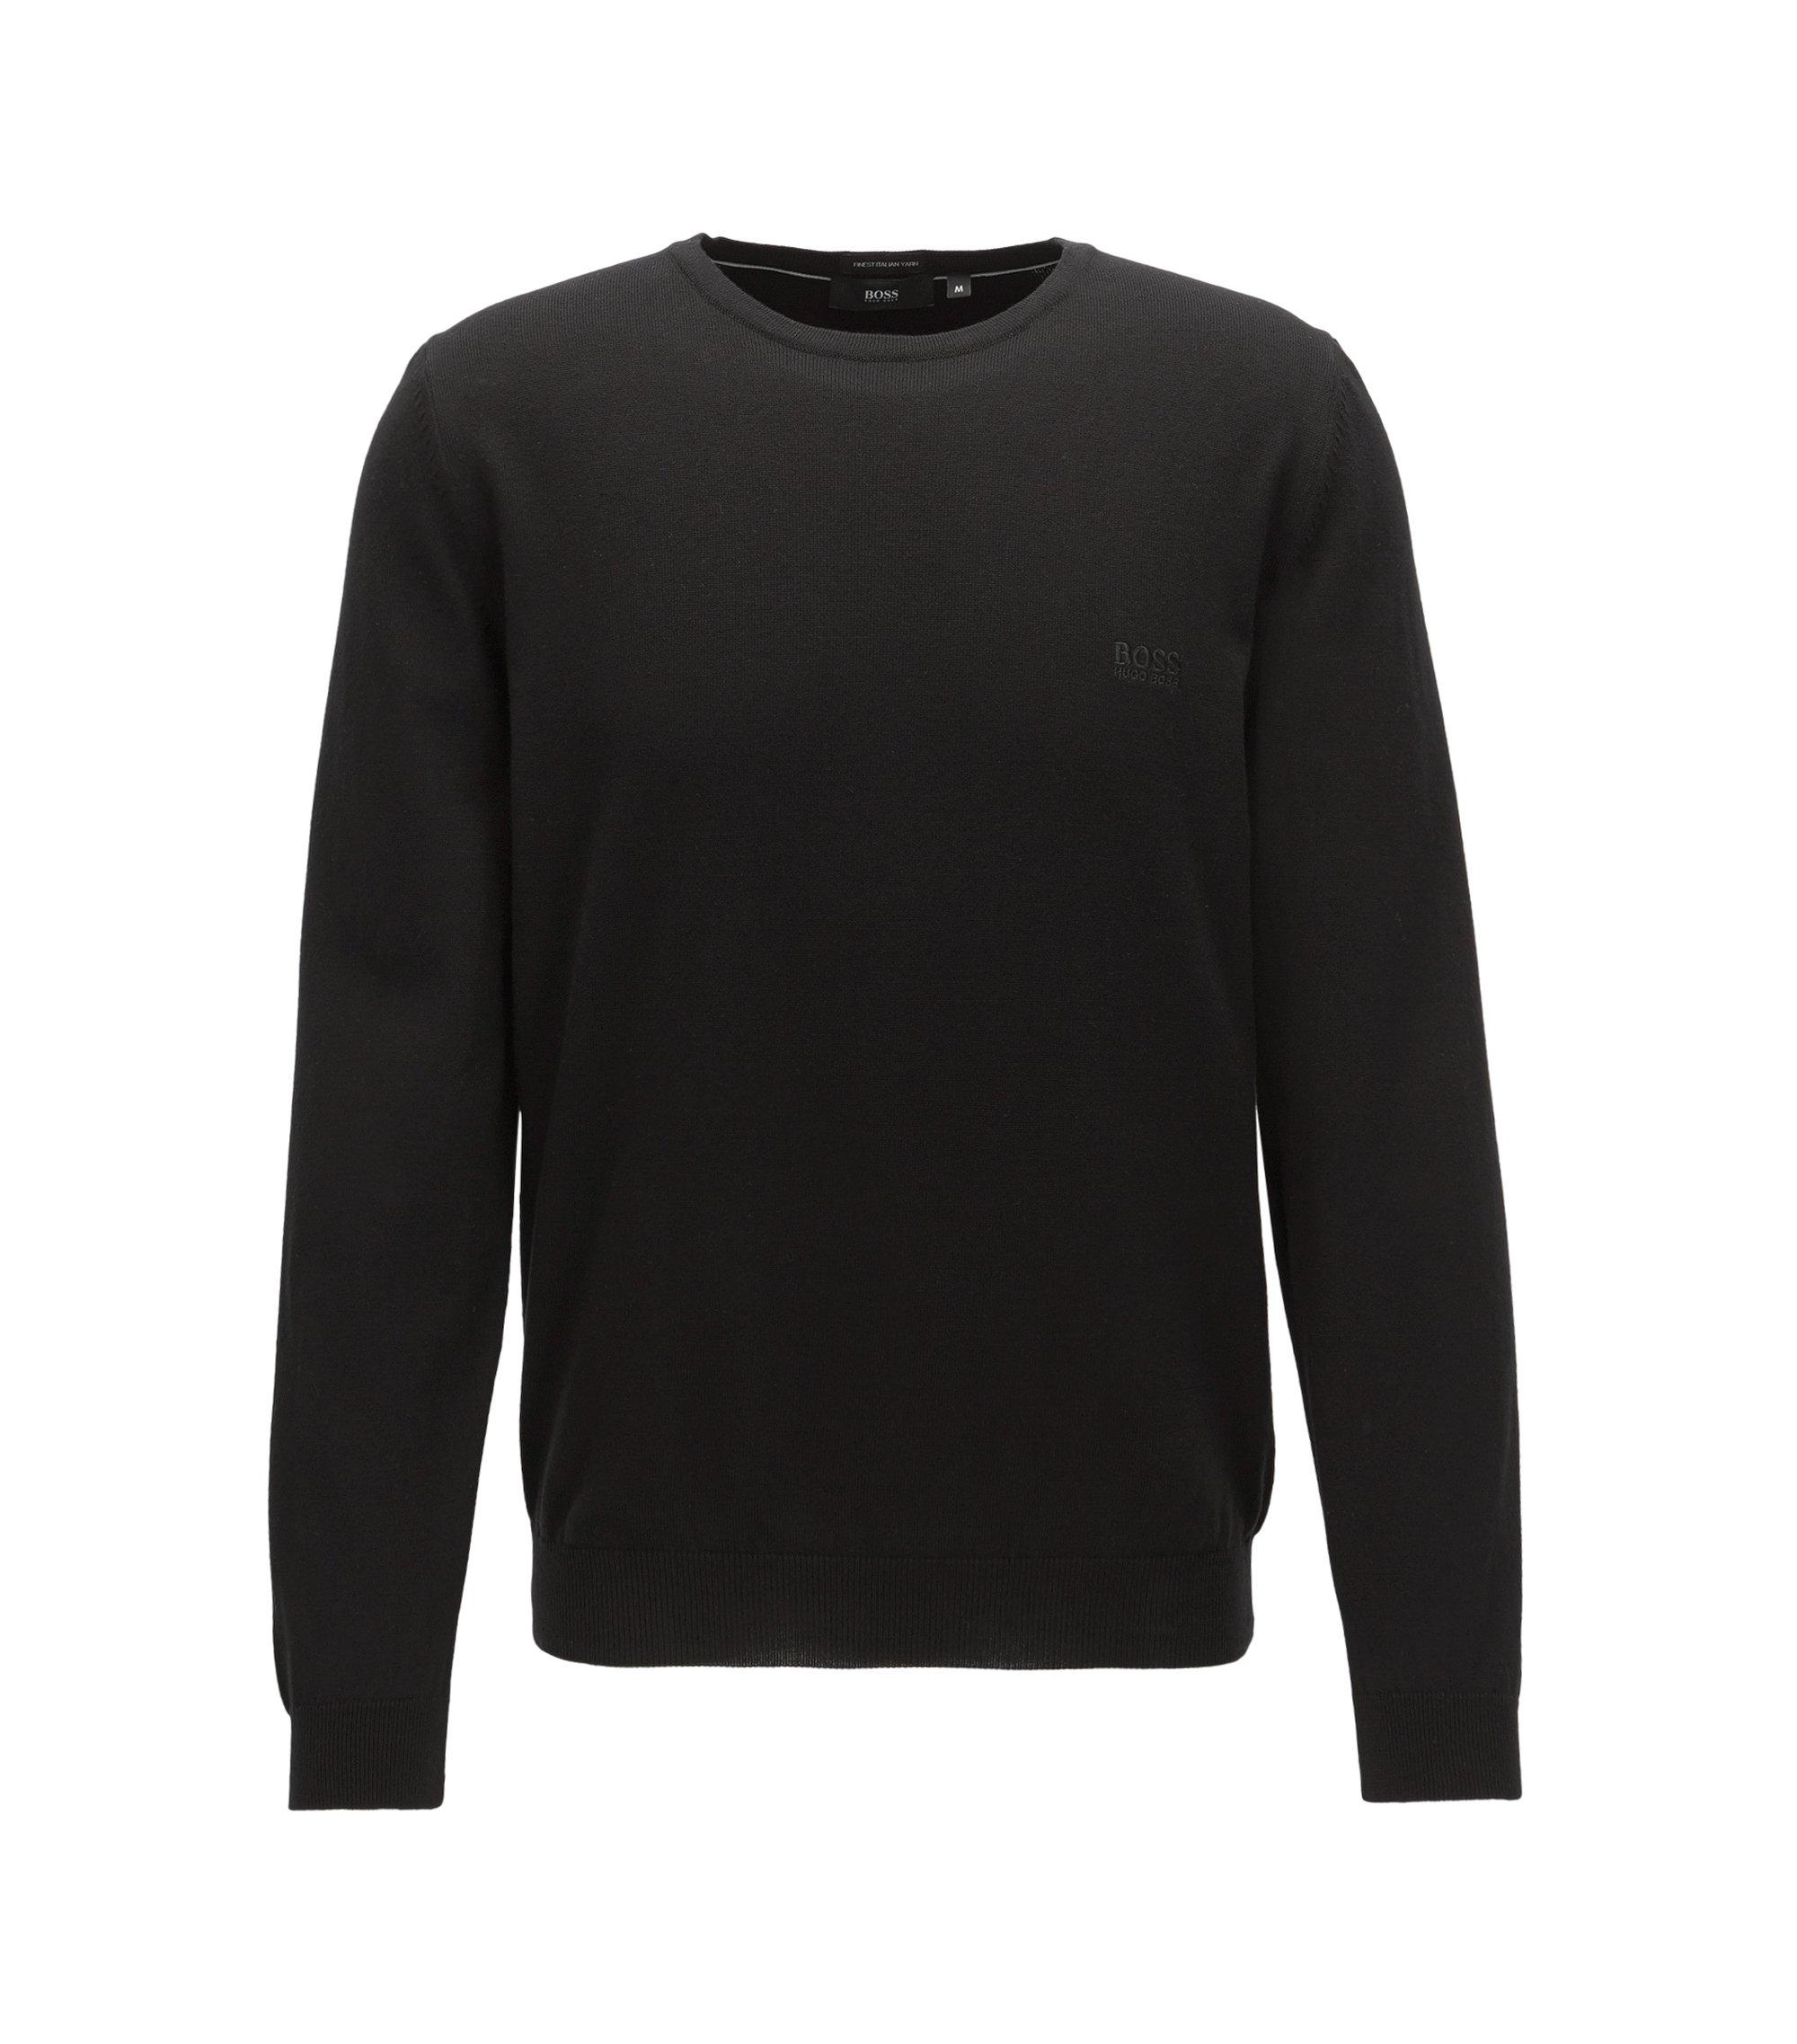 Pullover aus Baumwolle mit Rundhalsausschnitt und Logo-Stickerei, Schwarz